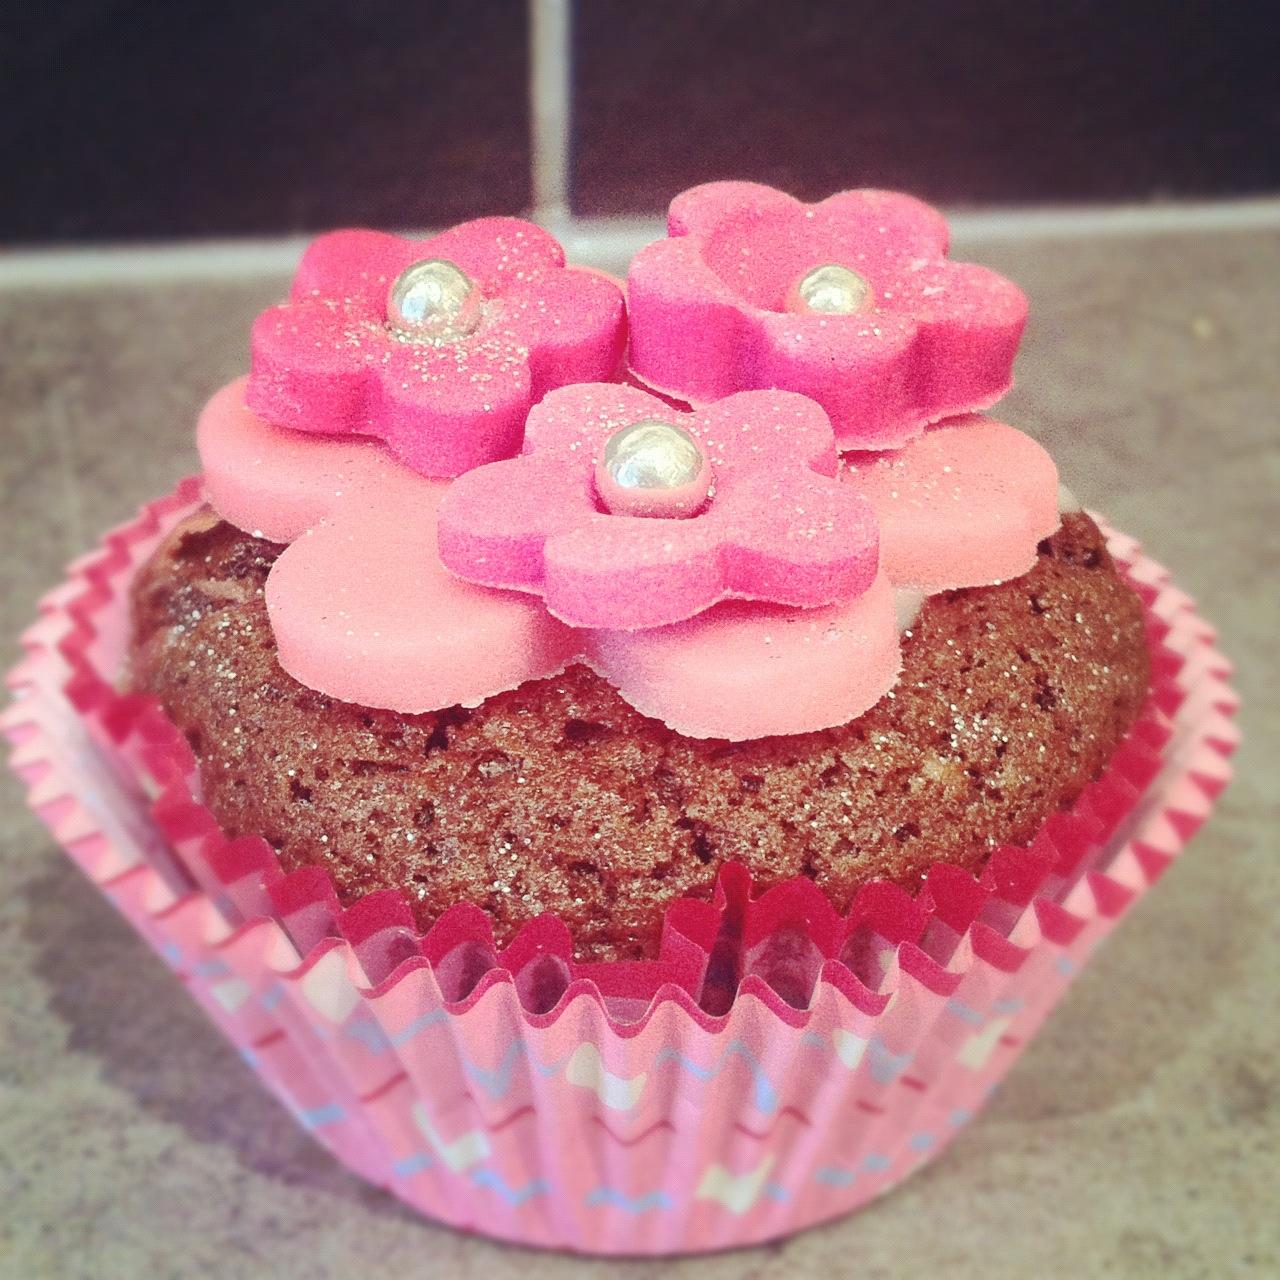 Photo Recette Cupcakes Chocolat au Cœur Coulant Framboise